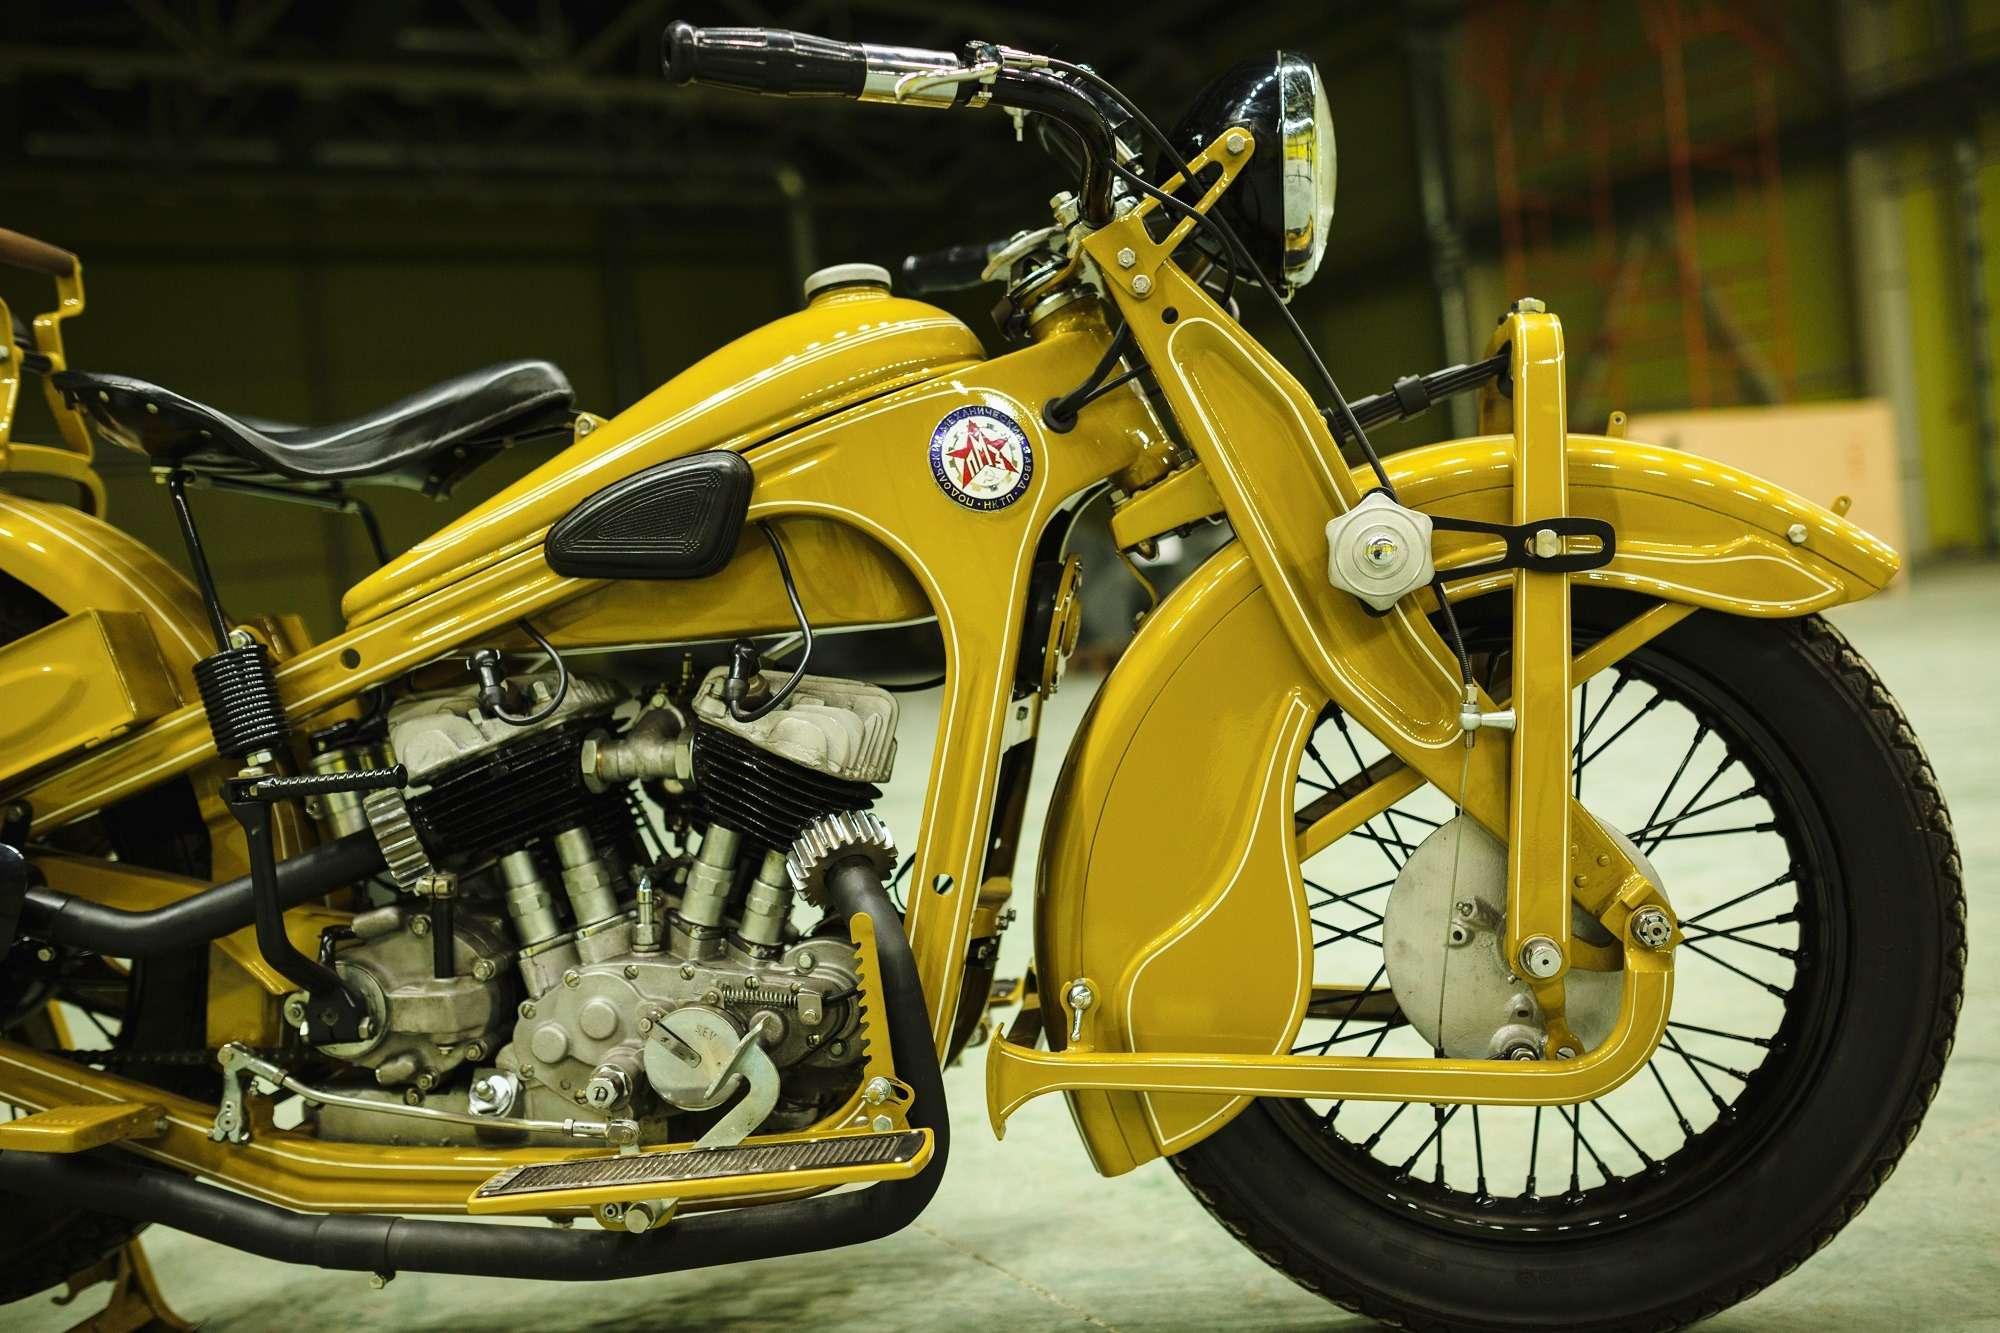 Тяжелый мотоцикл ПМЗ А-750: как Harley-Davidson оказался входовой BMW— фото 927413